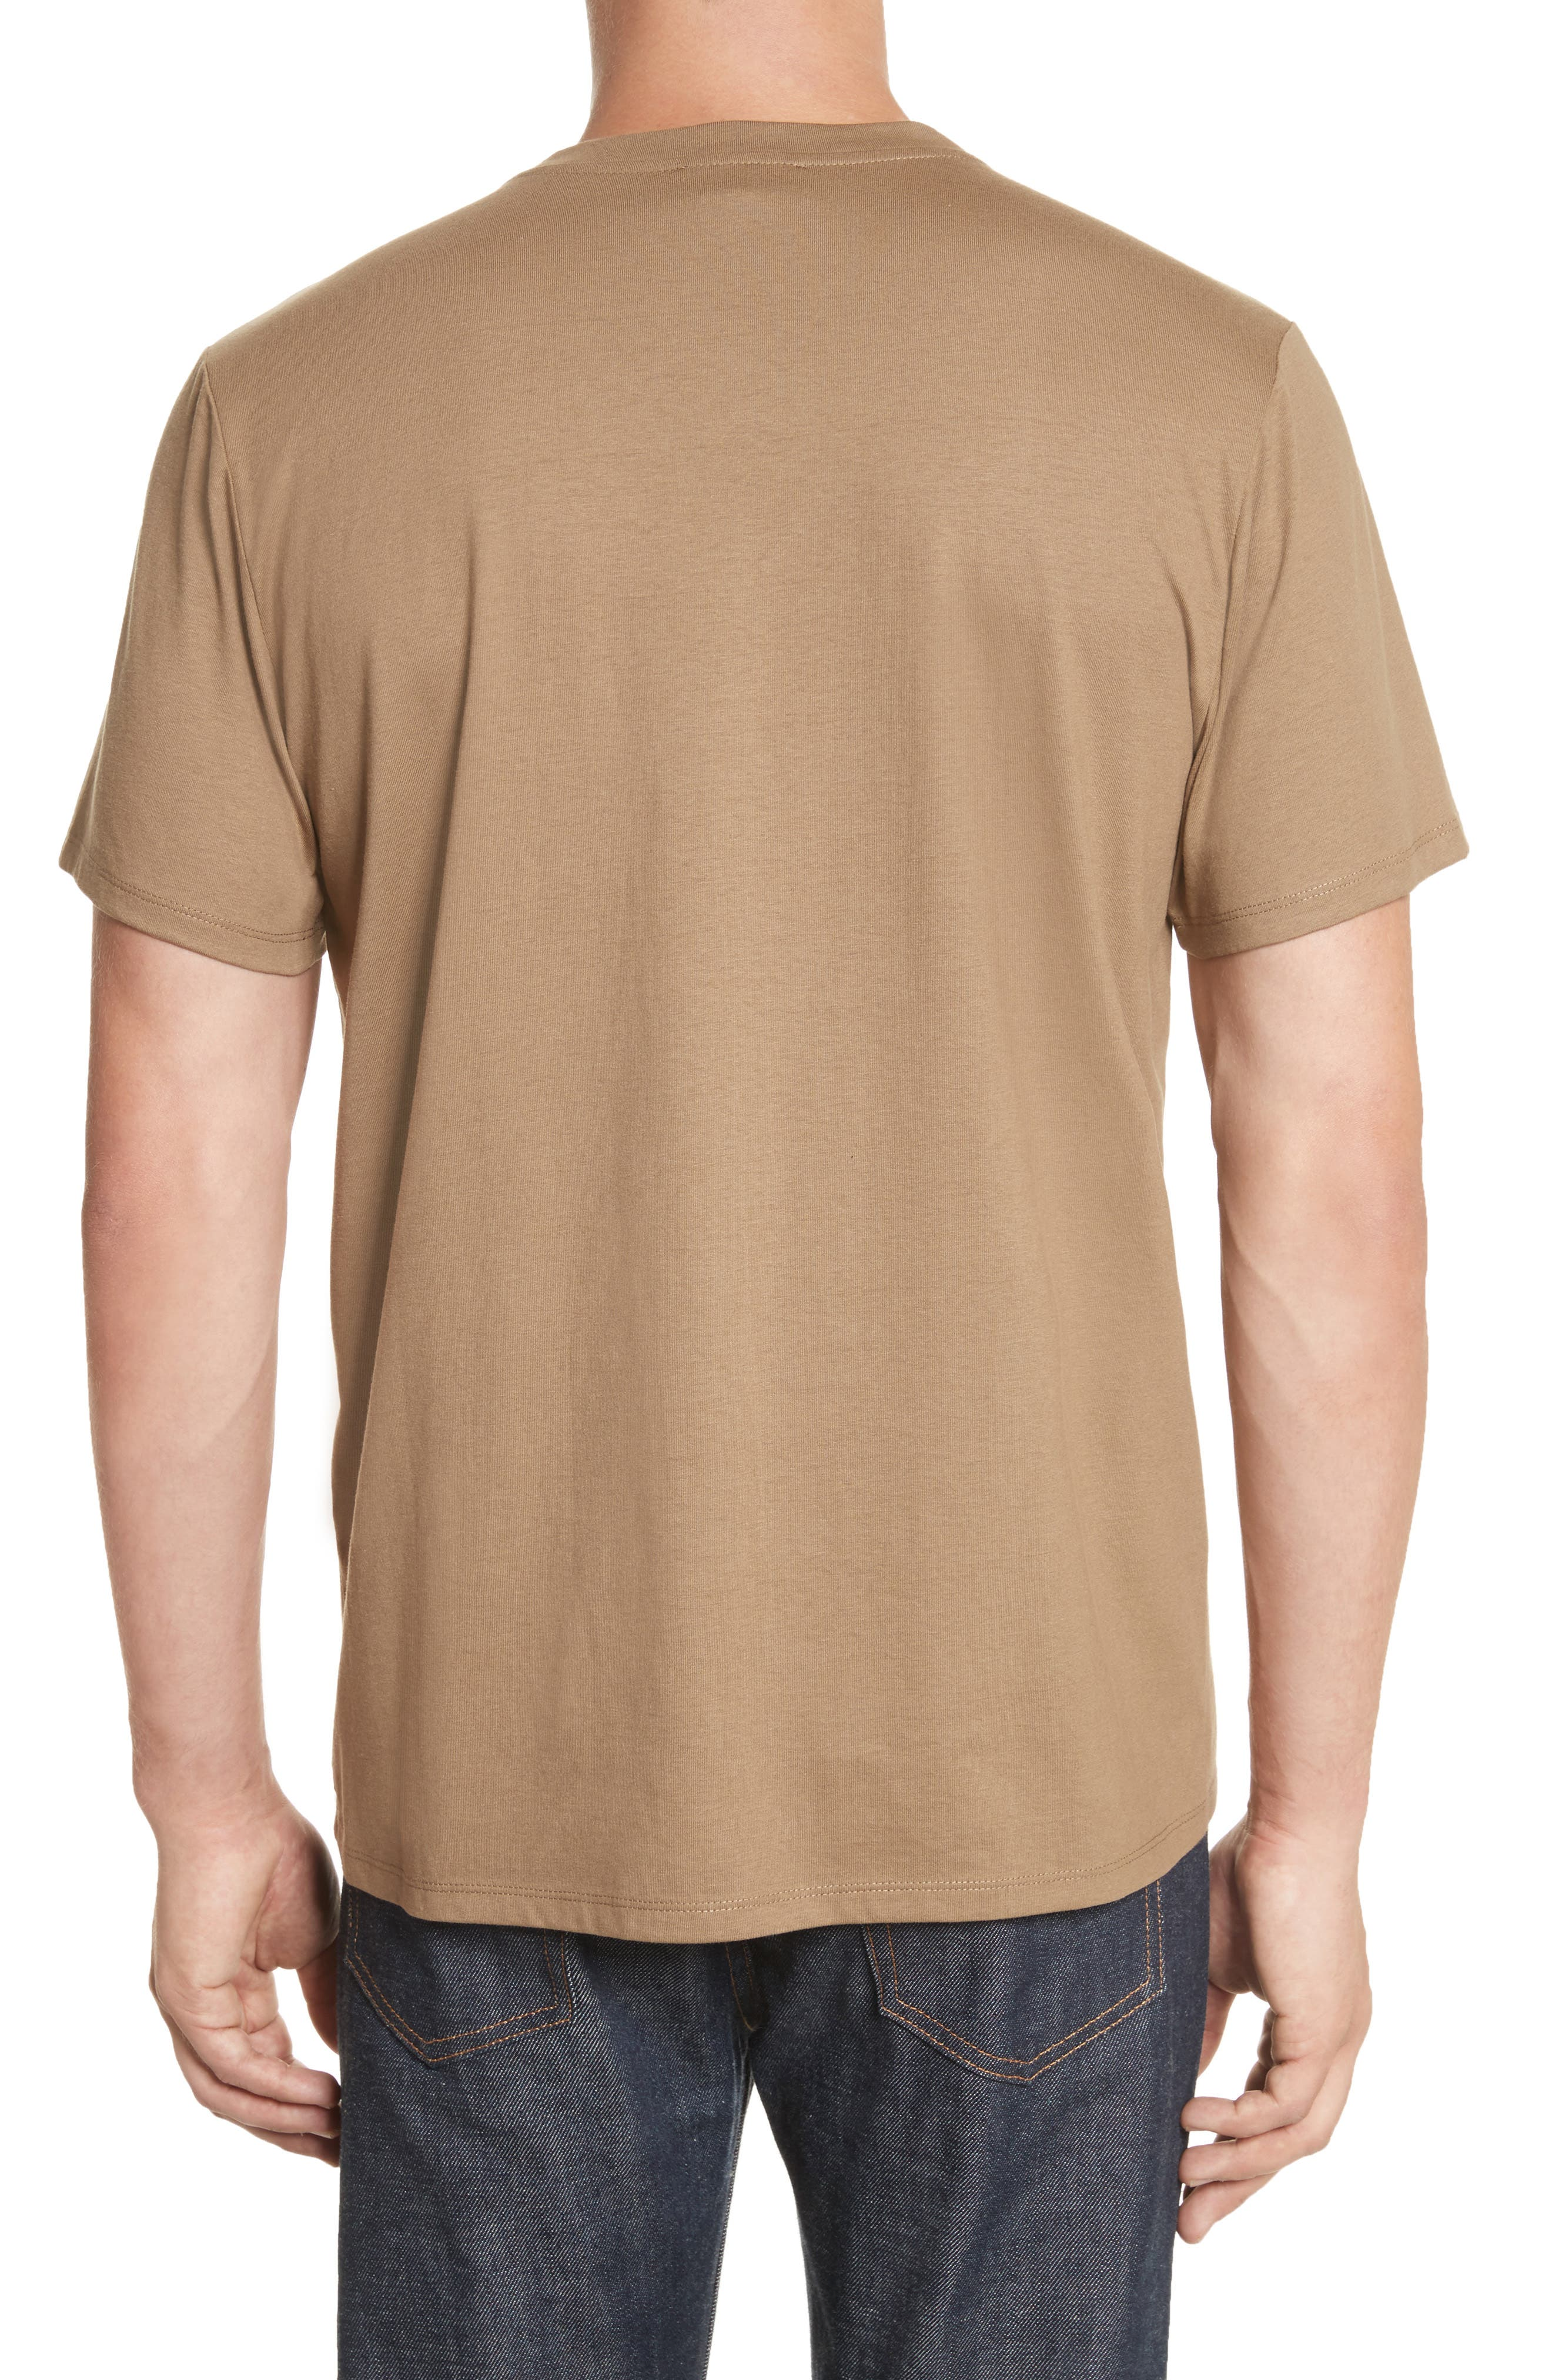 Jimmy T-Shirt,                             Alternate thumbnail 2, color,                             270